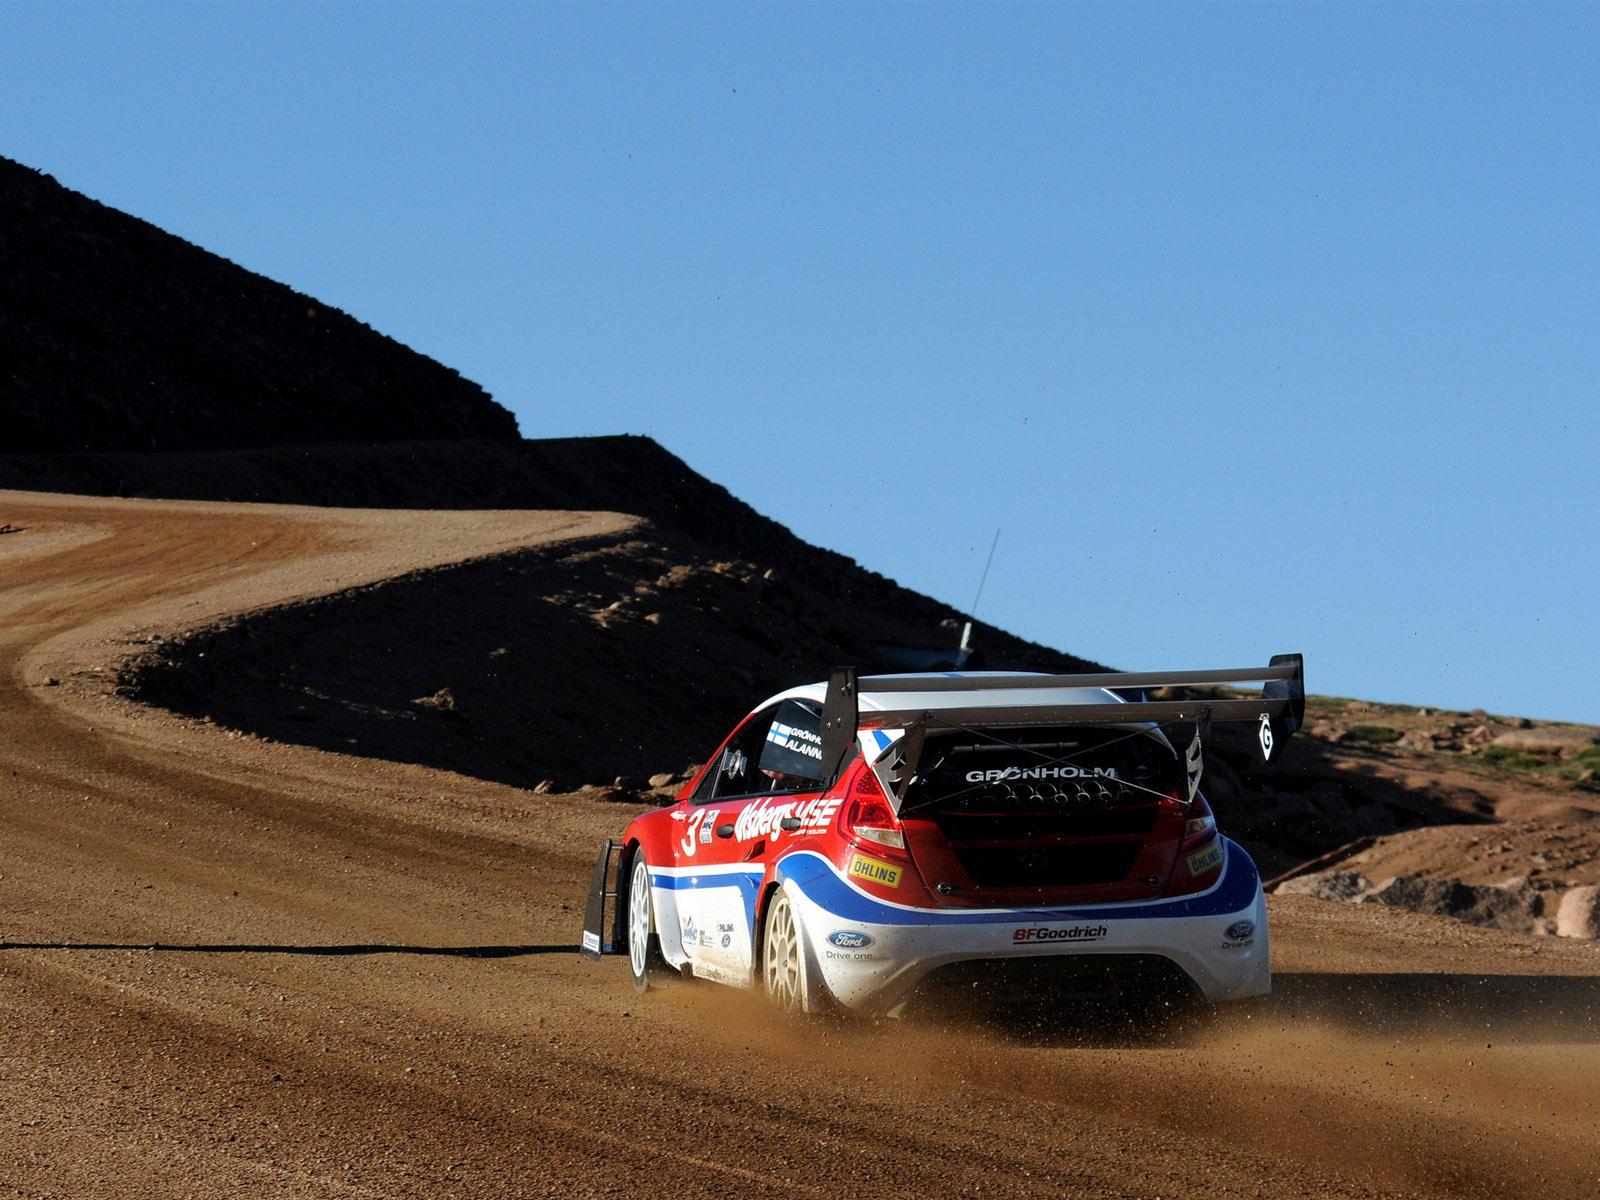 ford_fiesta-rallycross-pikes-peak-2009_r9_jpg.jpg